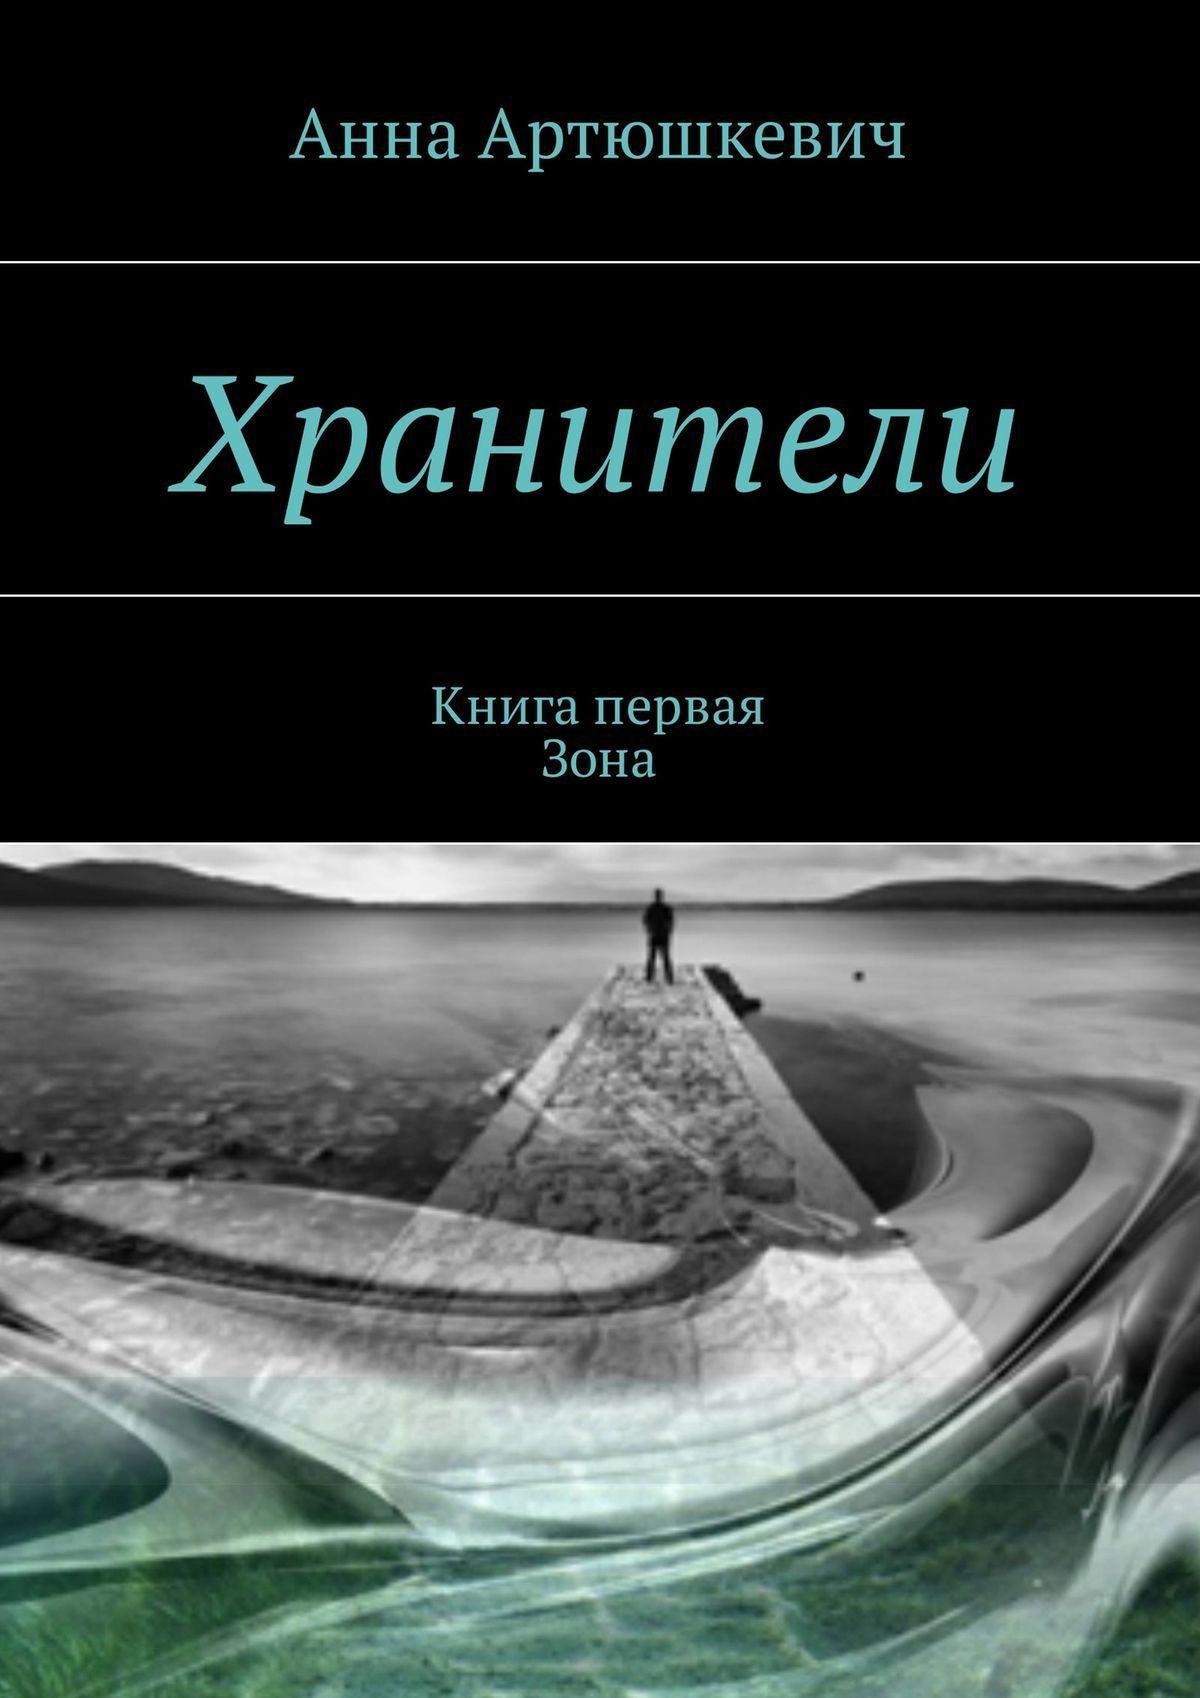 Анна Артюшкевич - Хранители. Книга первая:Зона